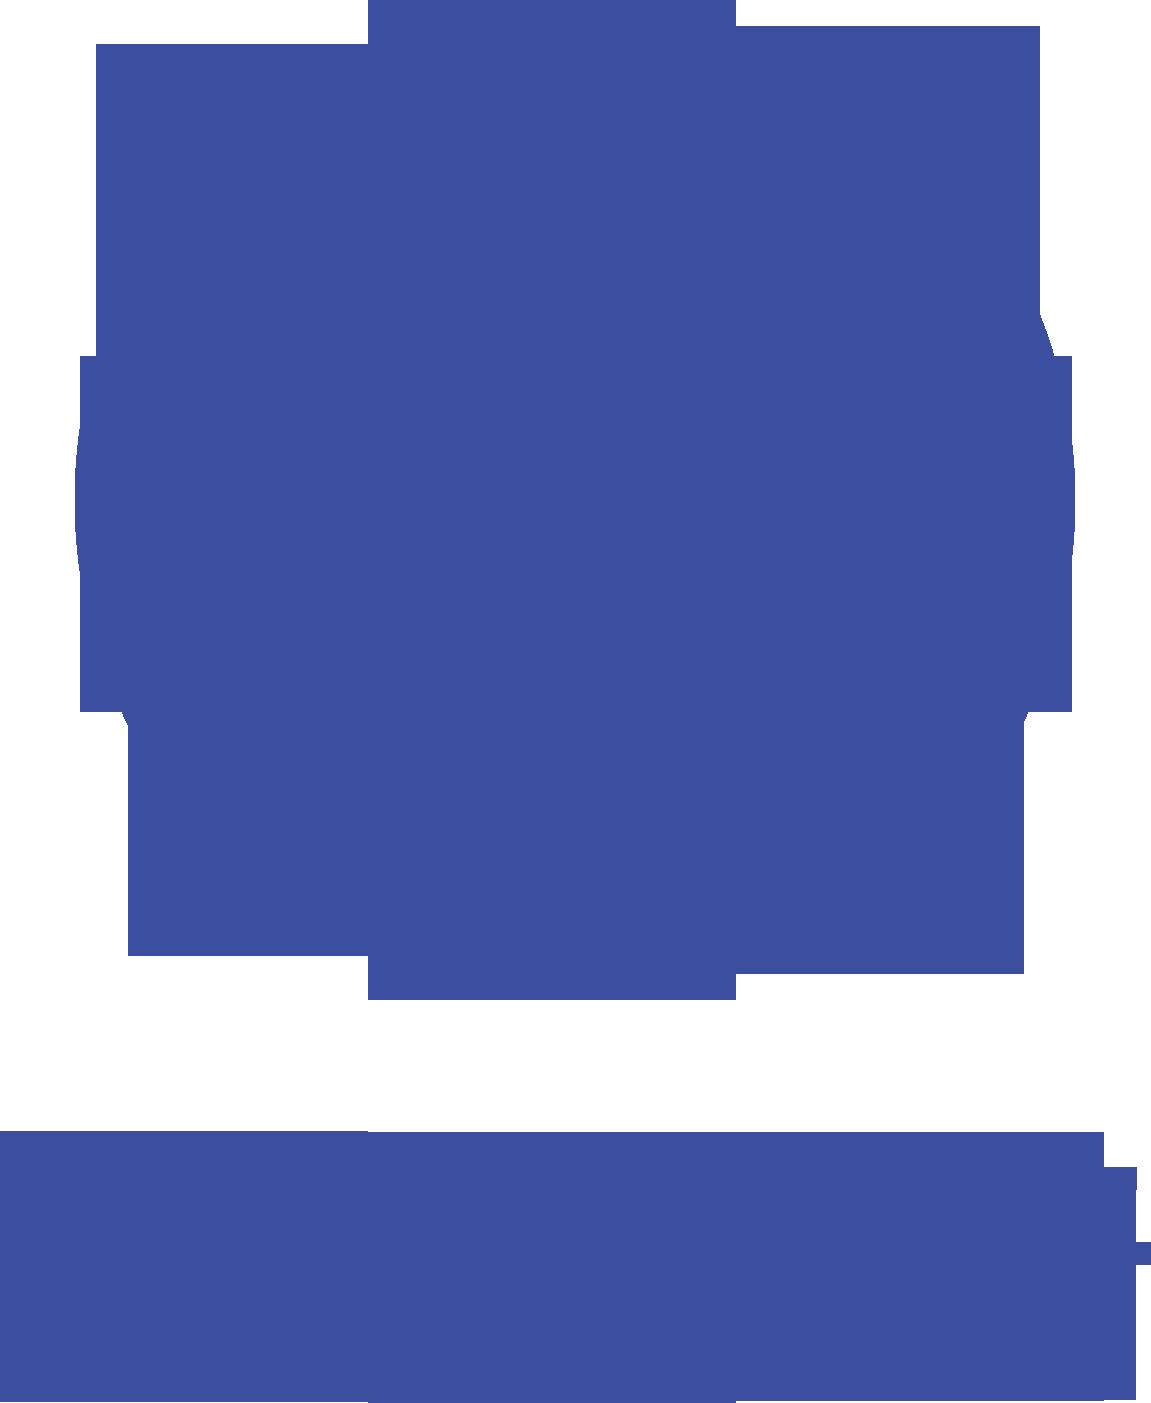 安徽中普仪器仪表有限公司